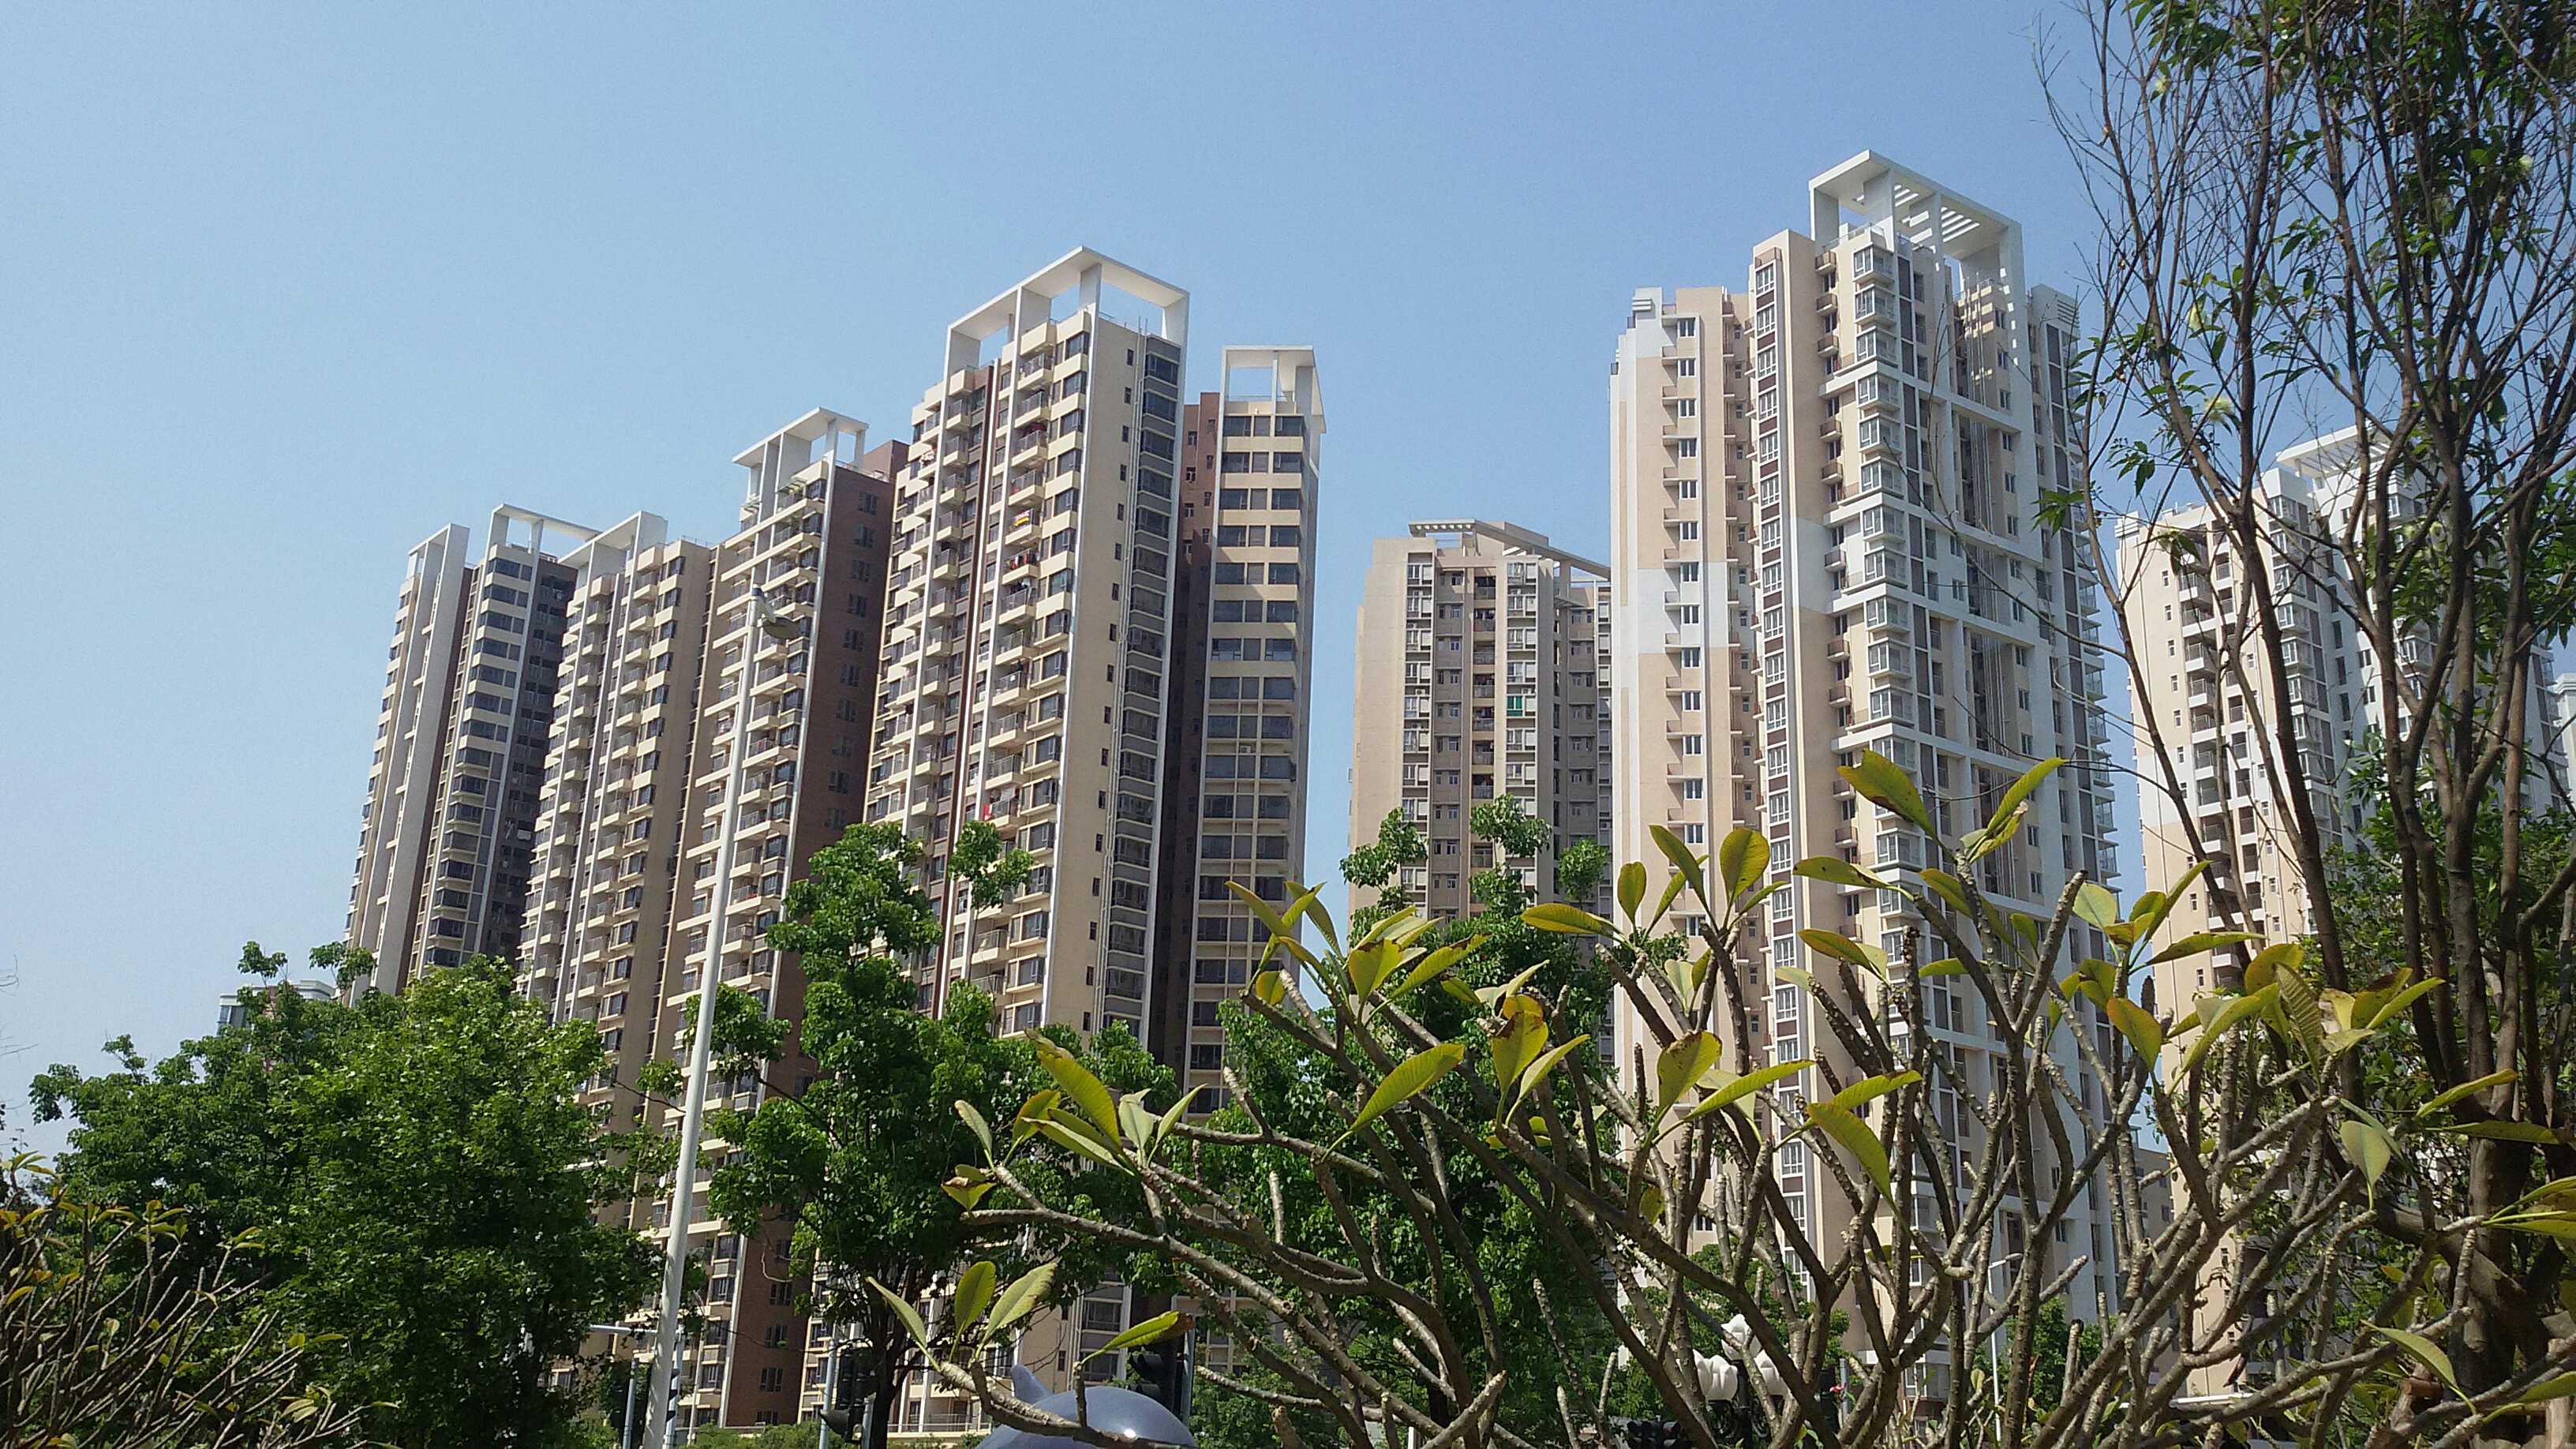 商品房去年卖了11.76万亿 超广东北京GDP总量